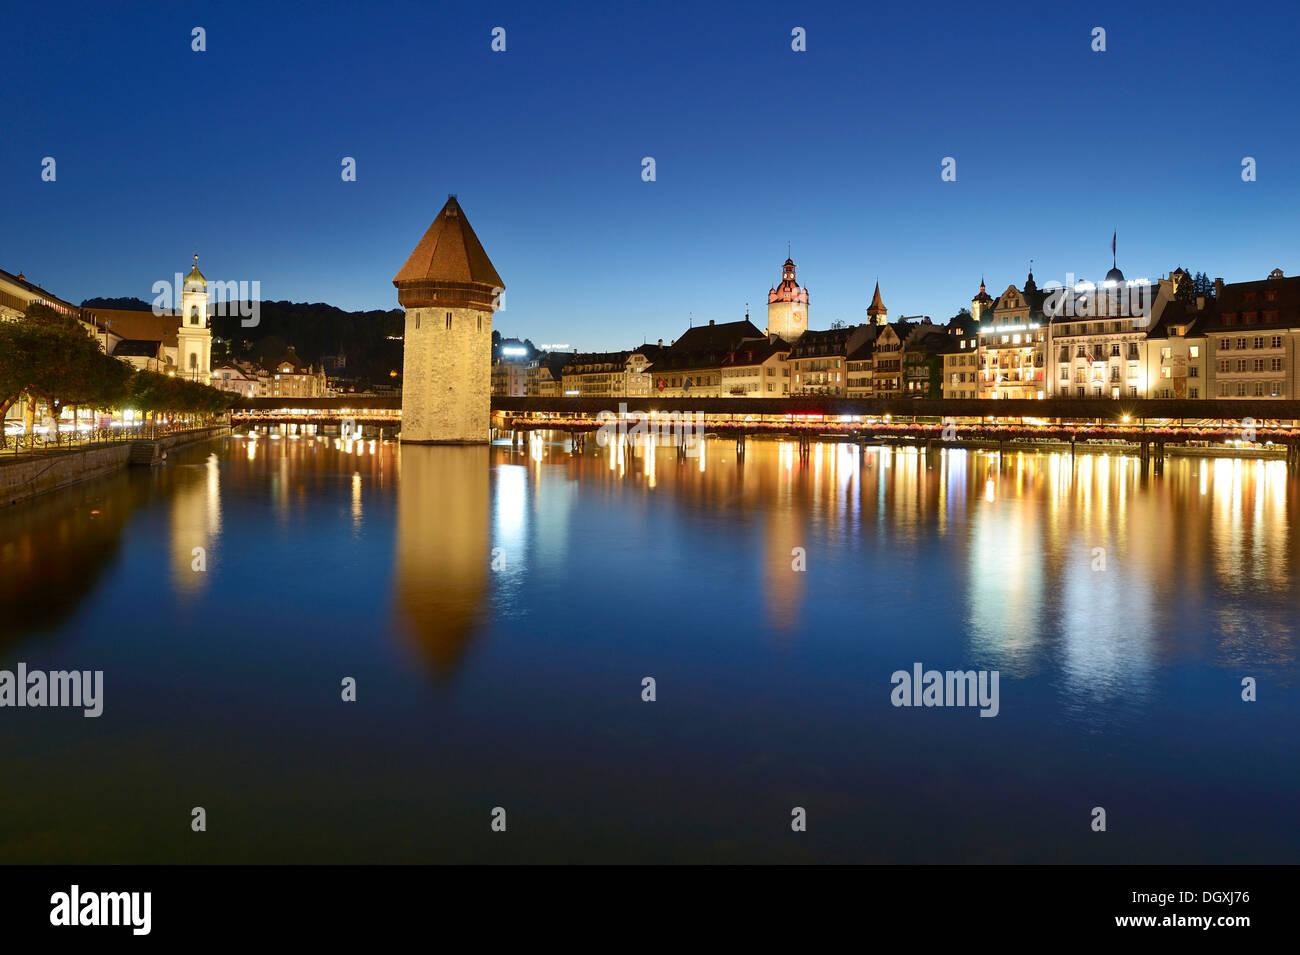 Les lumières de pont de la chapelle et de la tour de l'eau se reflètent dans l'eau de la rivière Reuss, à Lucerne, Suisse, Europe Photo Stock